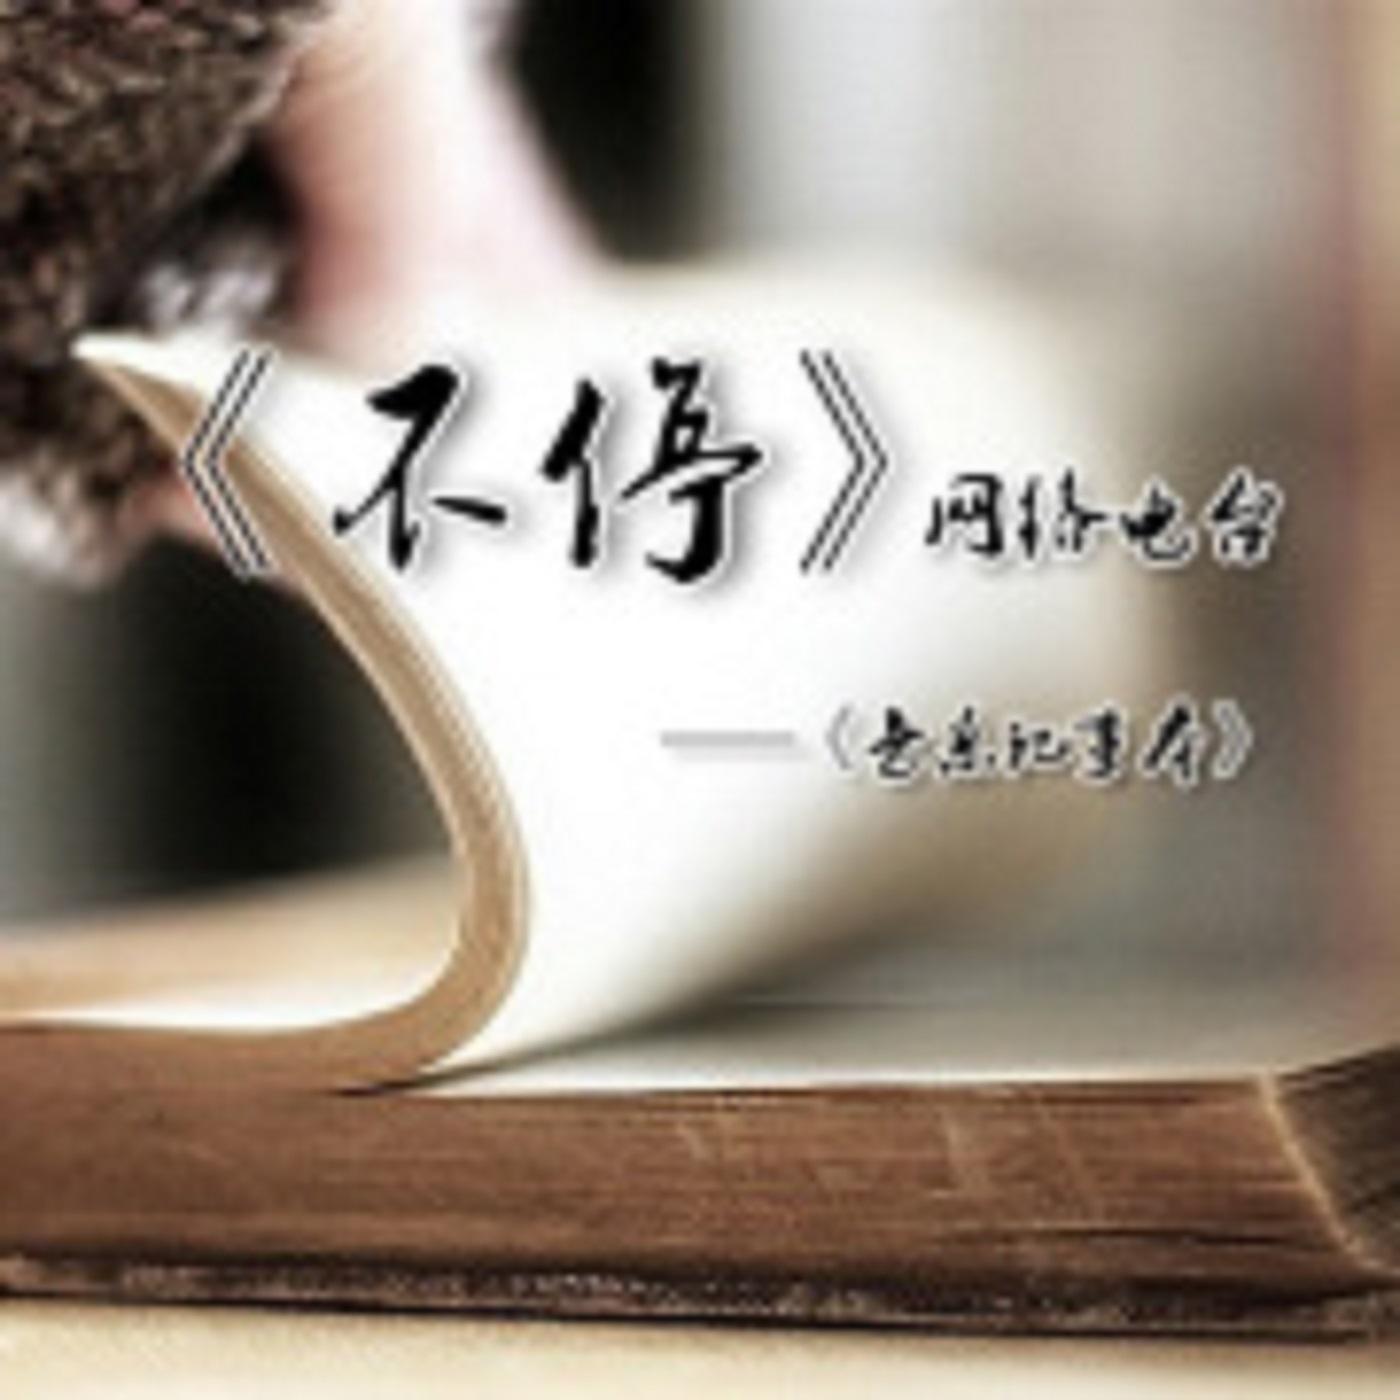 【不停】音乐记事本